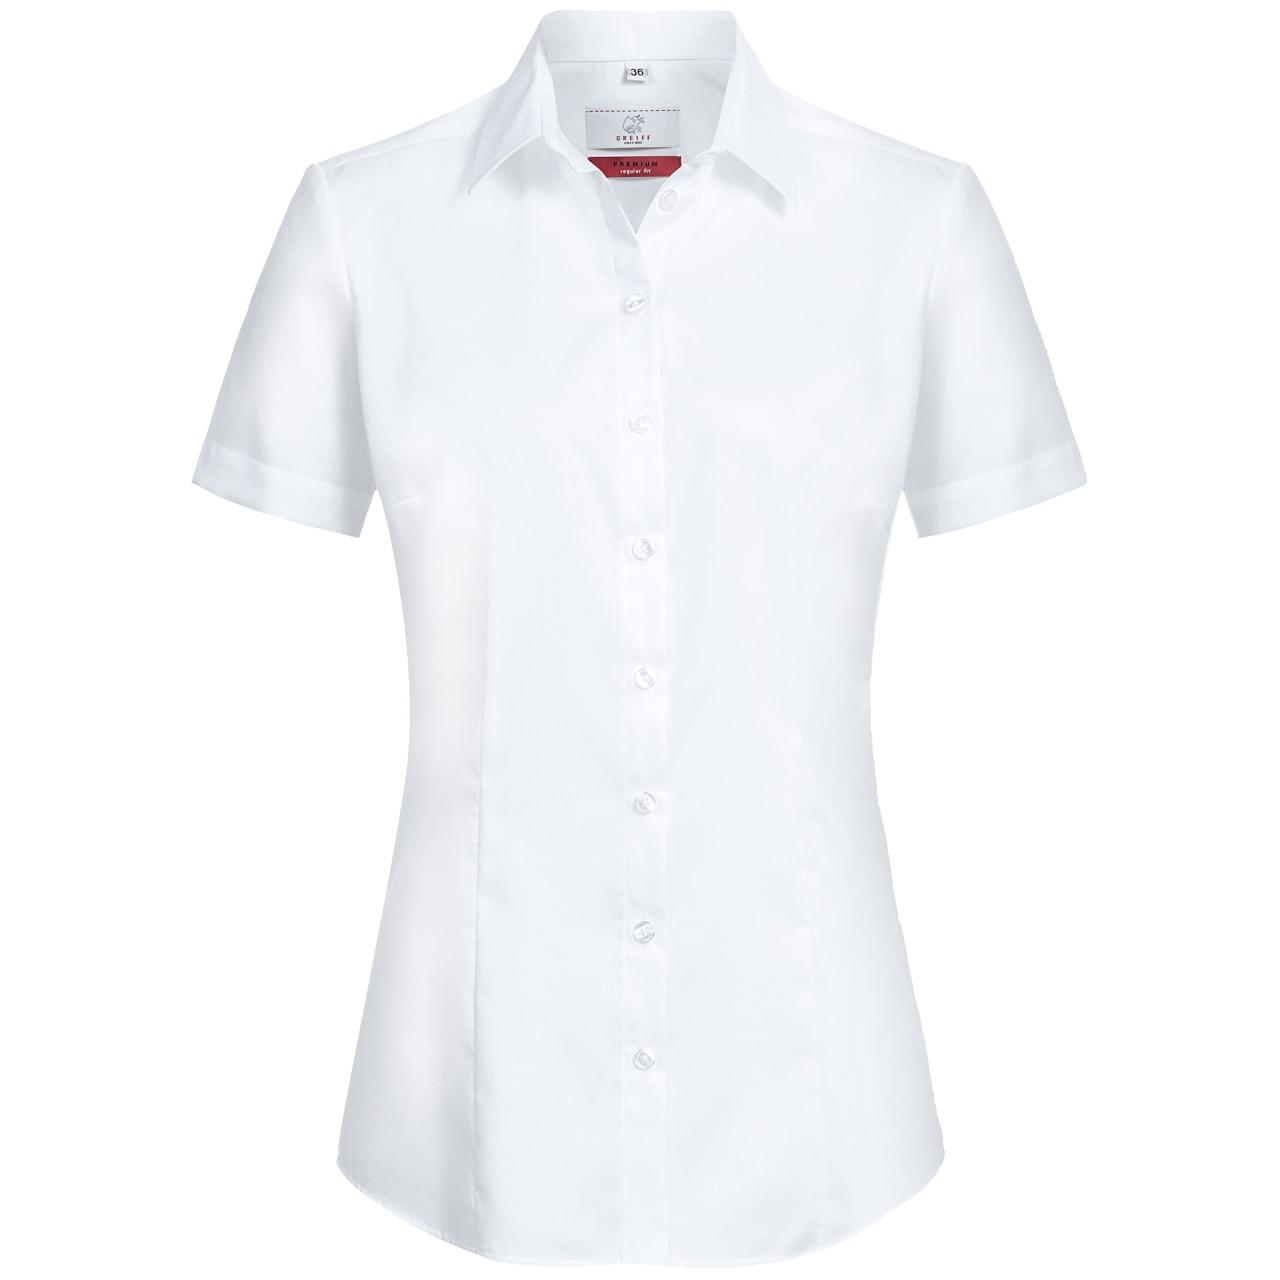 Premium Damen Halbarm Bluse Weiss Regular Fit Greiff®